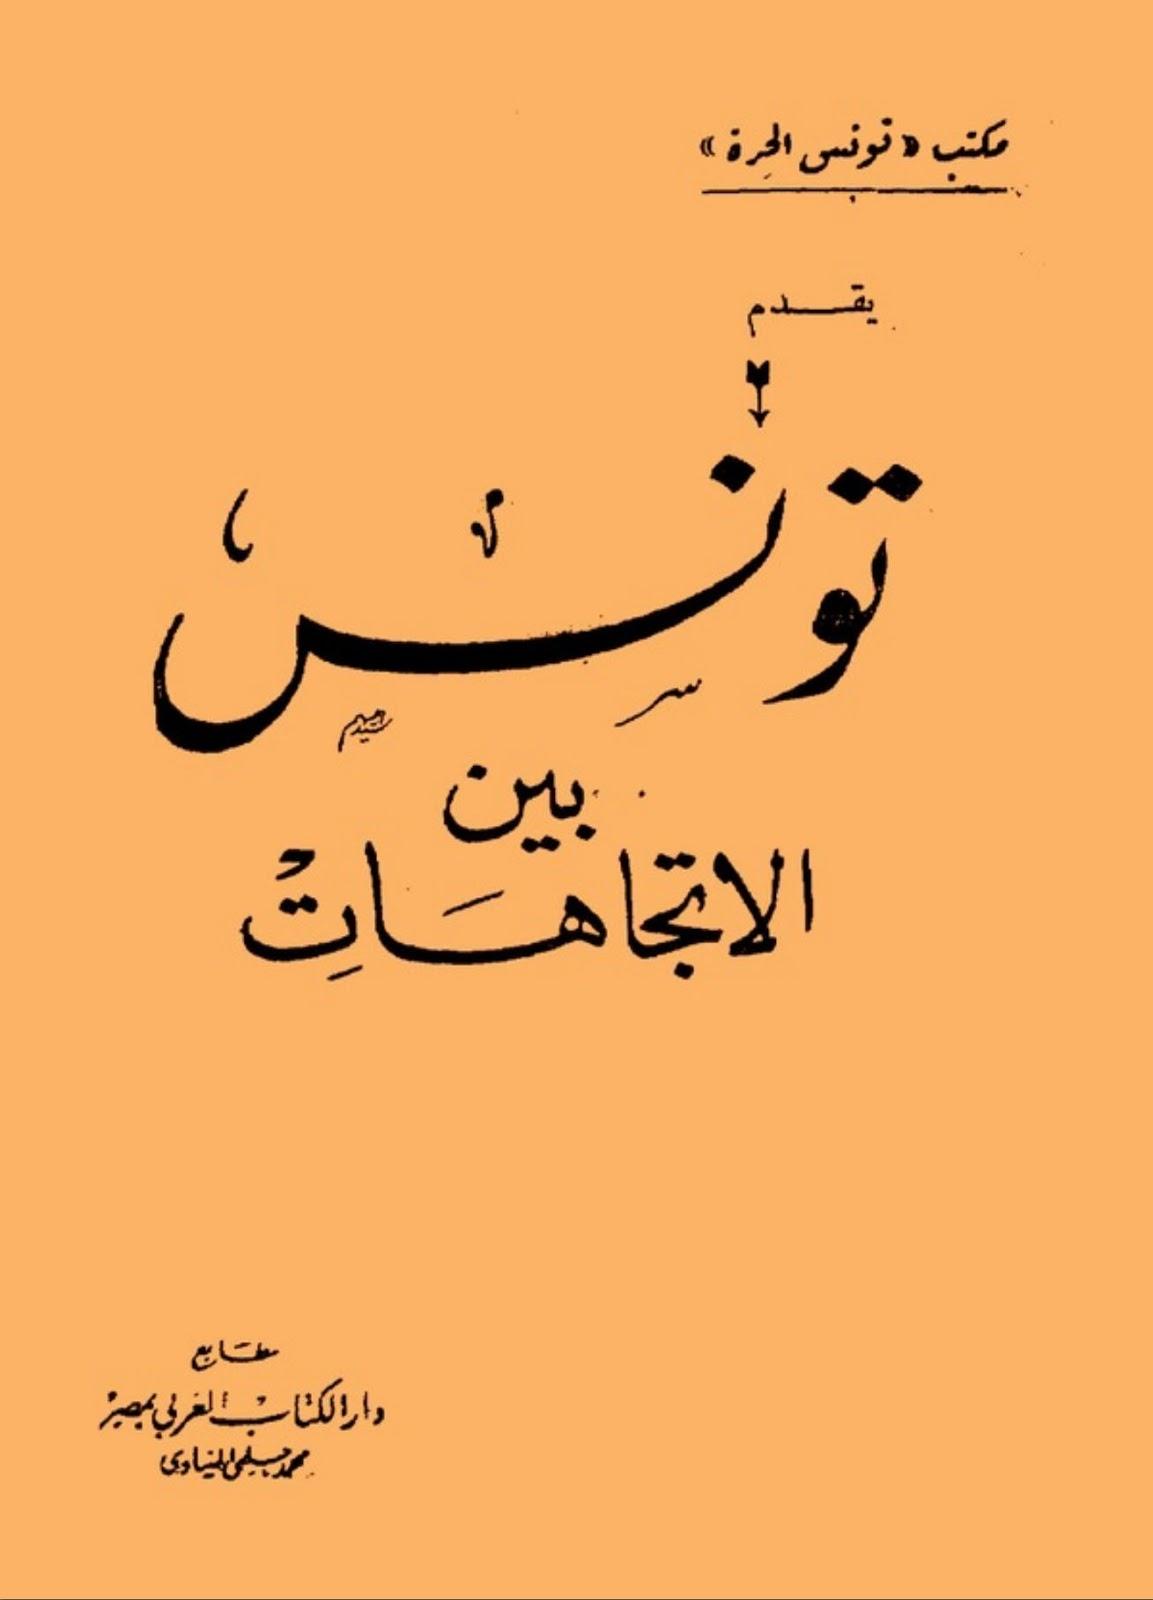 كتاب تونس بين الاتجاهات لـ يونس درمونة